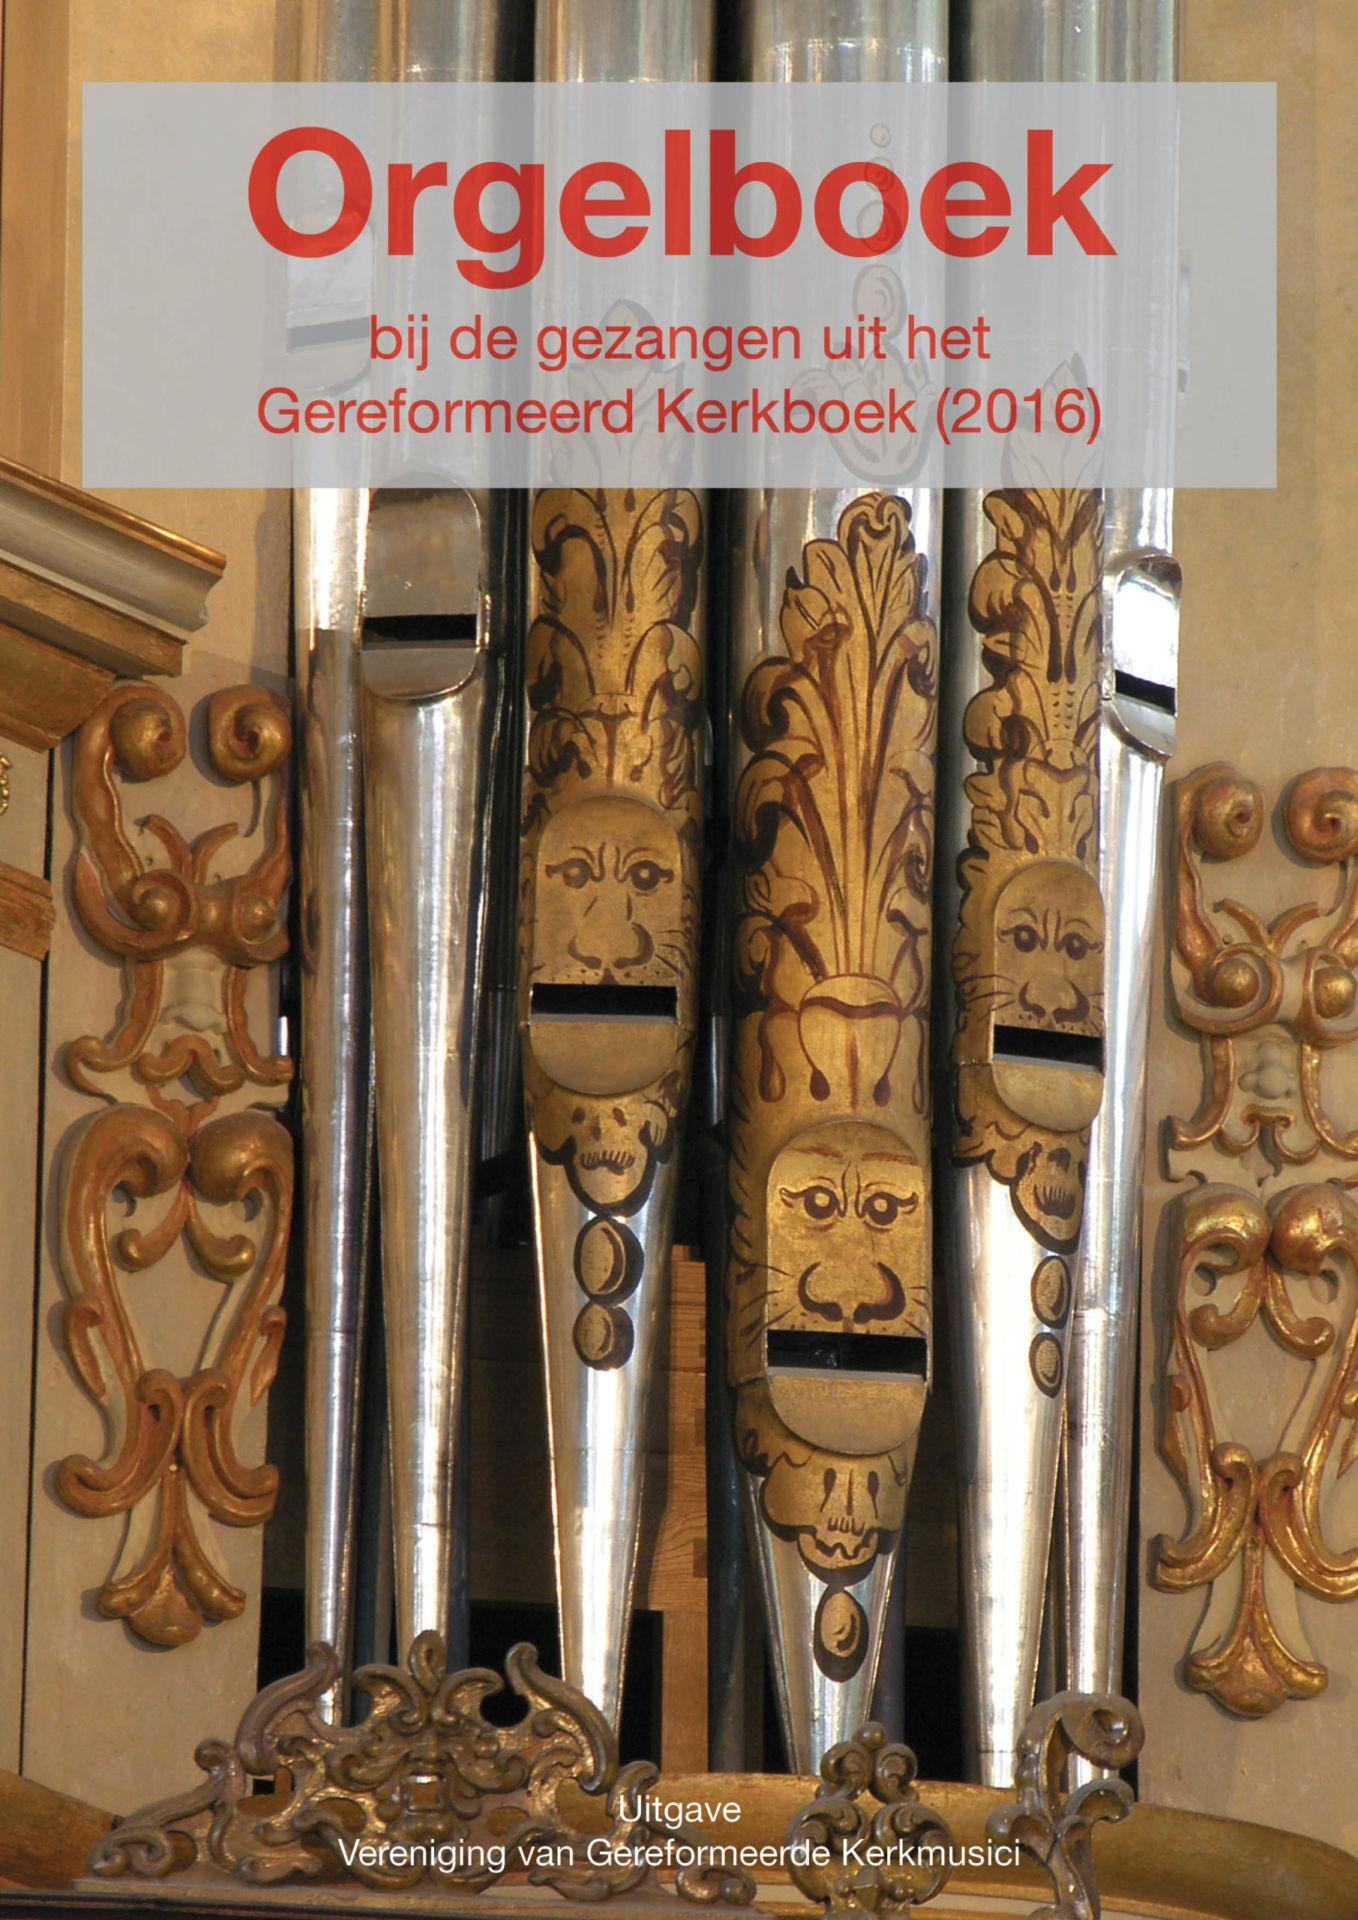 Orgelboek bij de gezangen uit het Gereformeerd Kerkboek